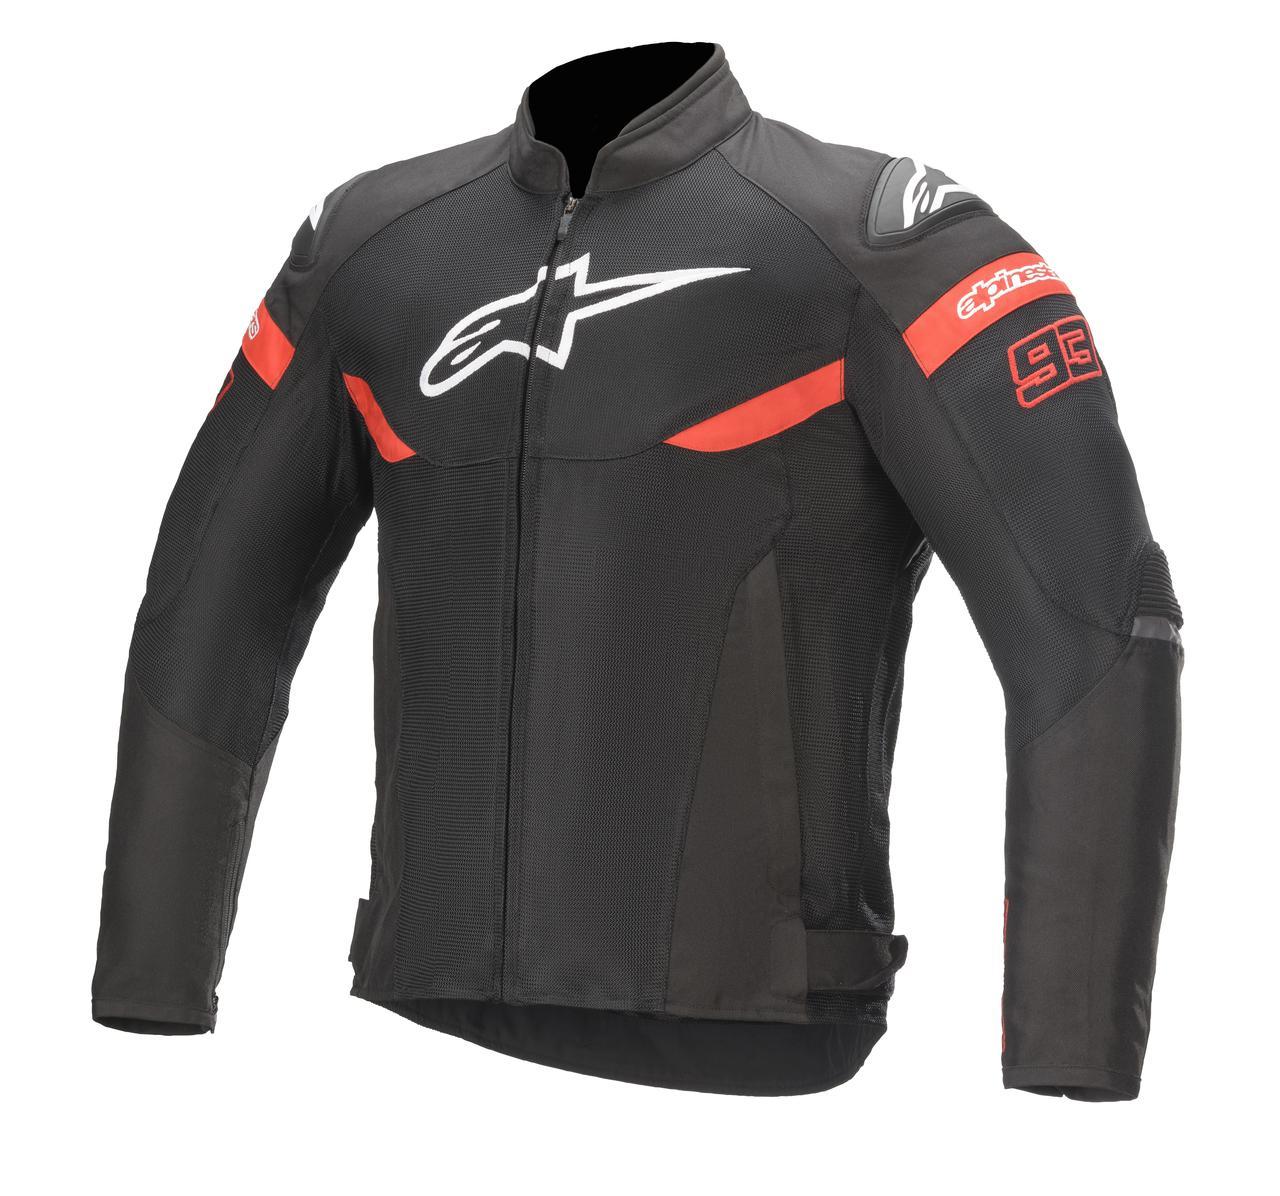 画像6: 左腕の「93」って何でしょう? アルパインスターズの新作メッシュジャケットは、〇〇〇〇とのコラボ製品!